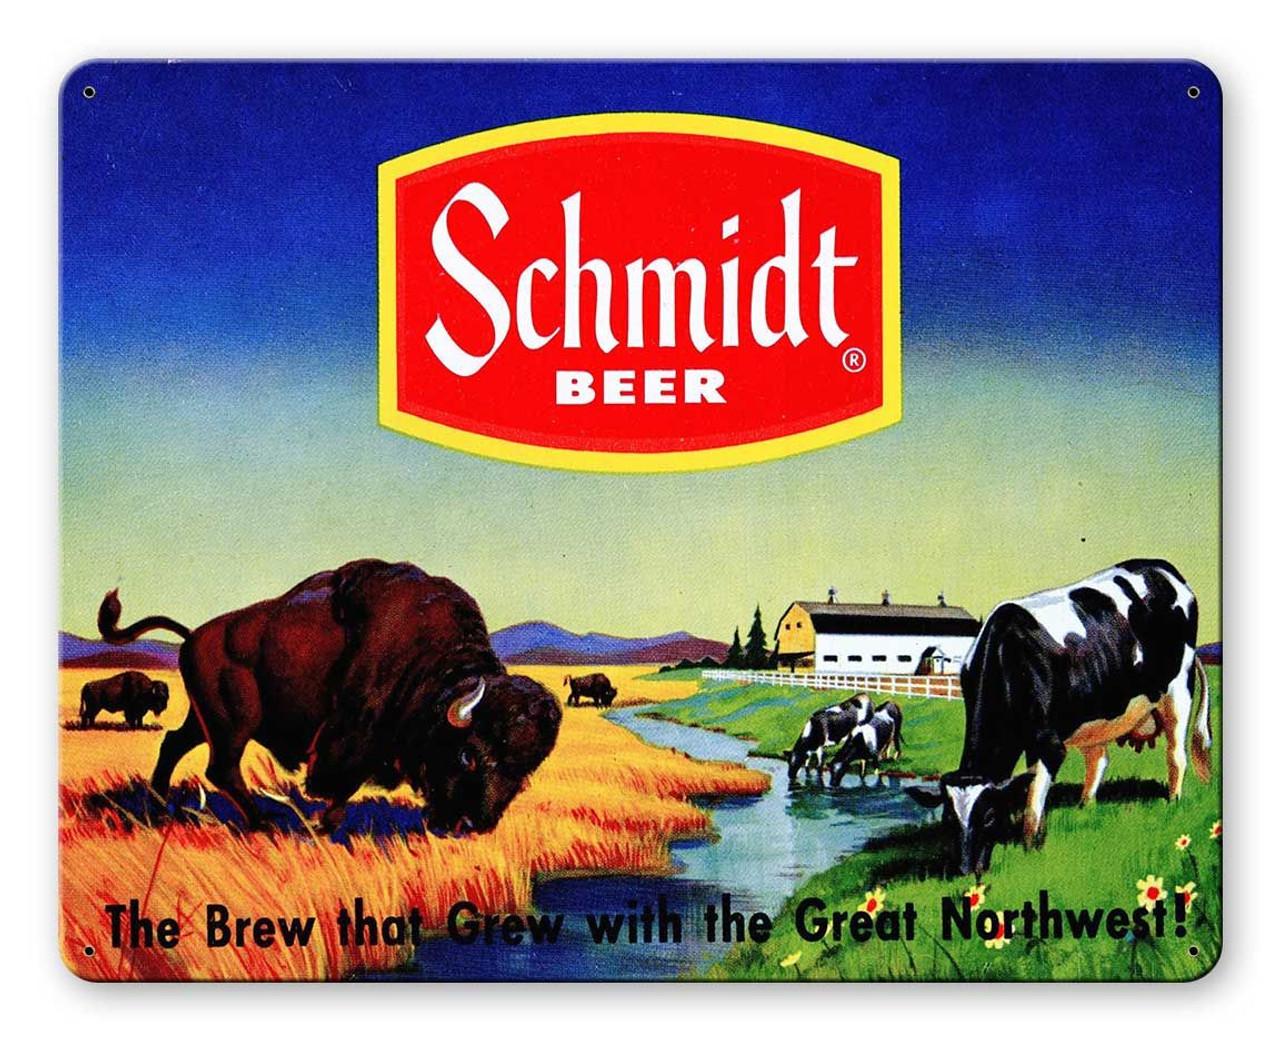 Schmidt Beer Ad Bison Metal Sign 15 x 12 Inches